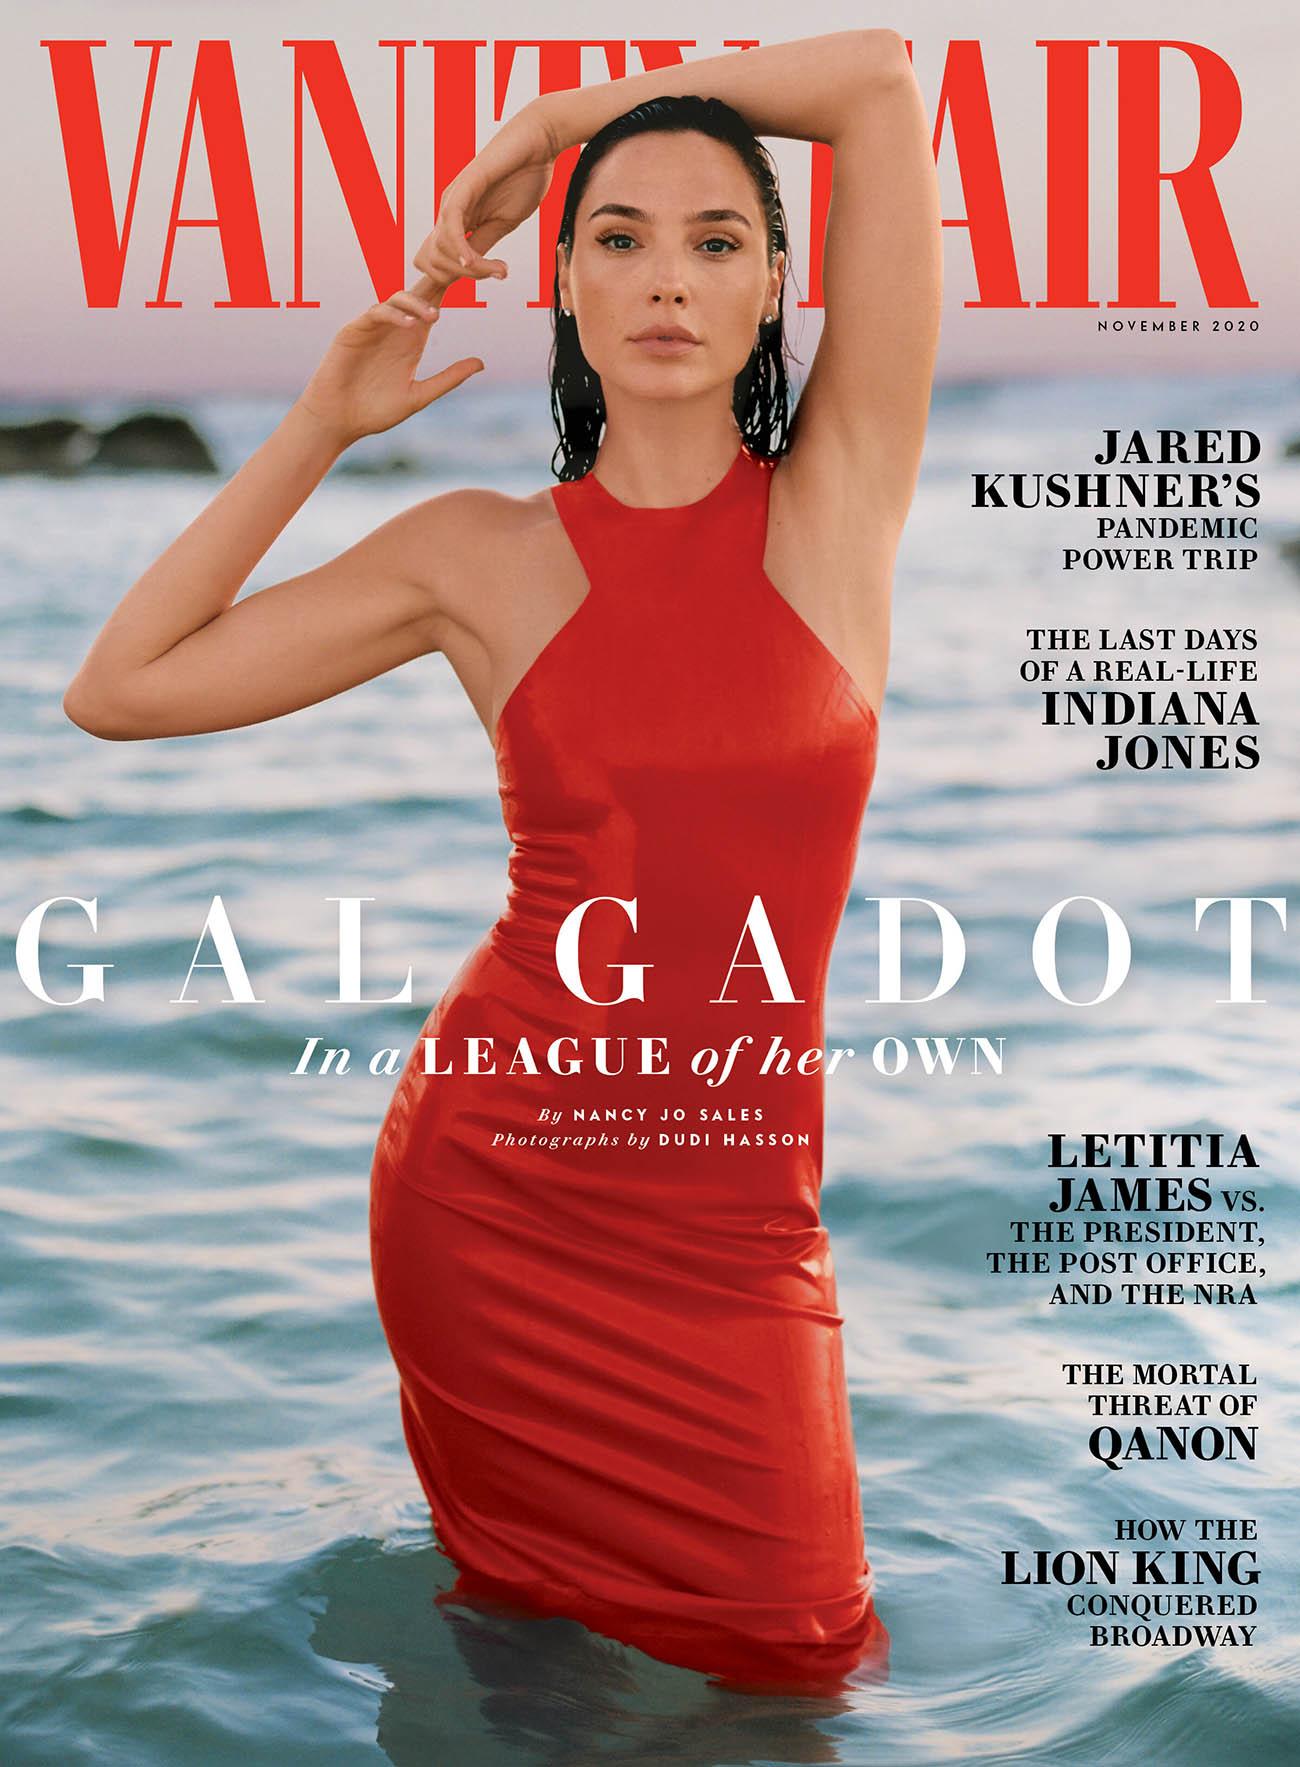 Gal Gadot covers Vanity Fair November 2020 by Dudi Hasson